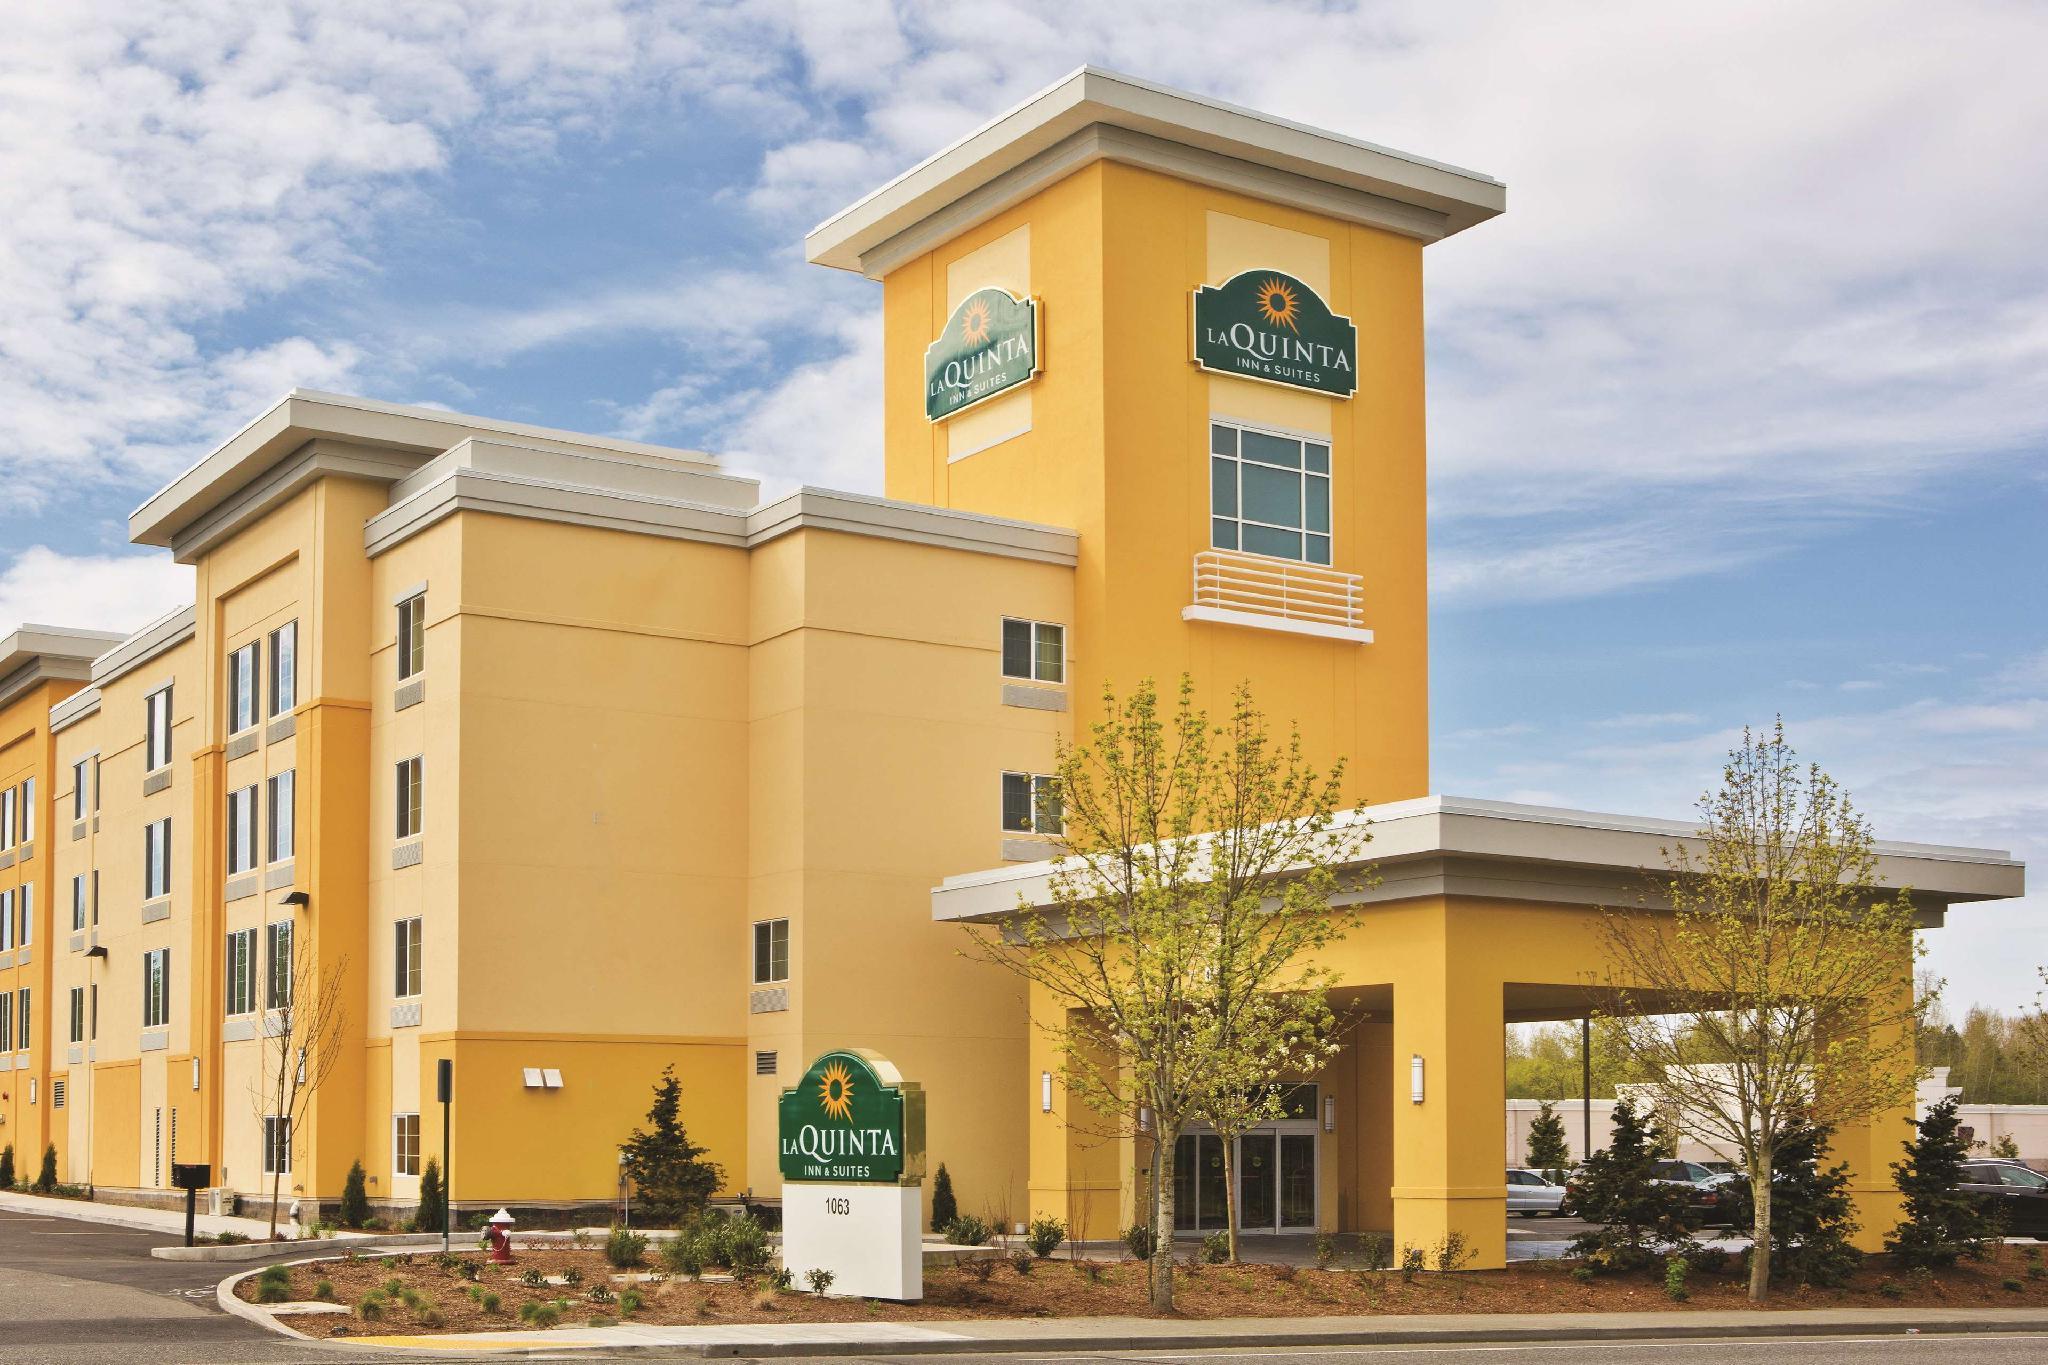 La Quinta Inn And Suites By Wyndham Bellingham